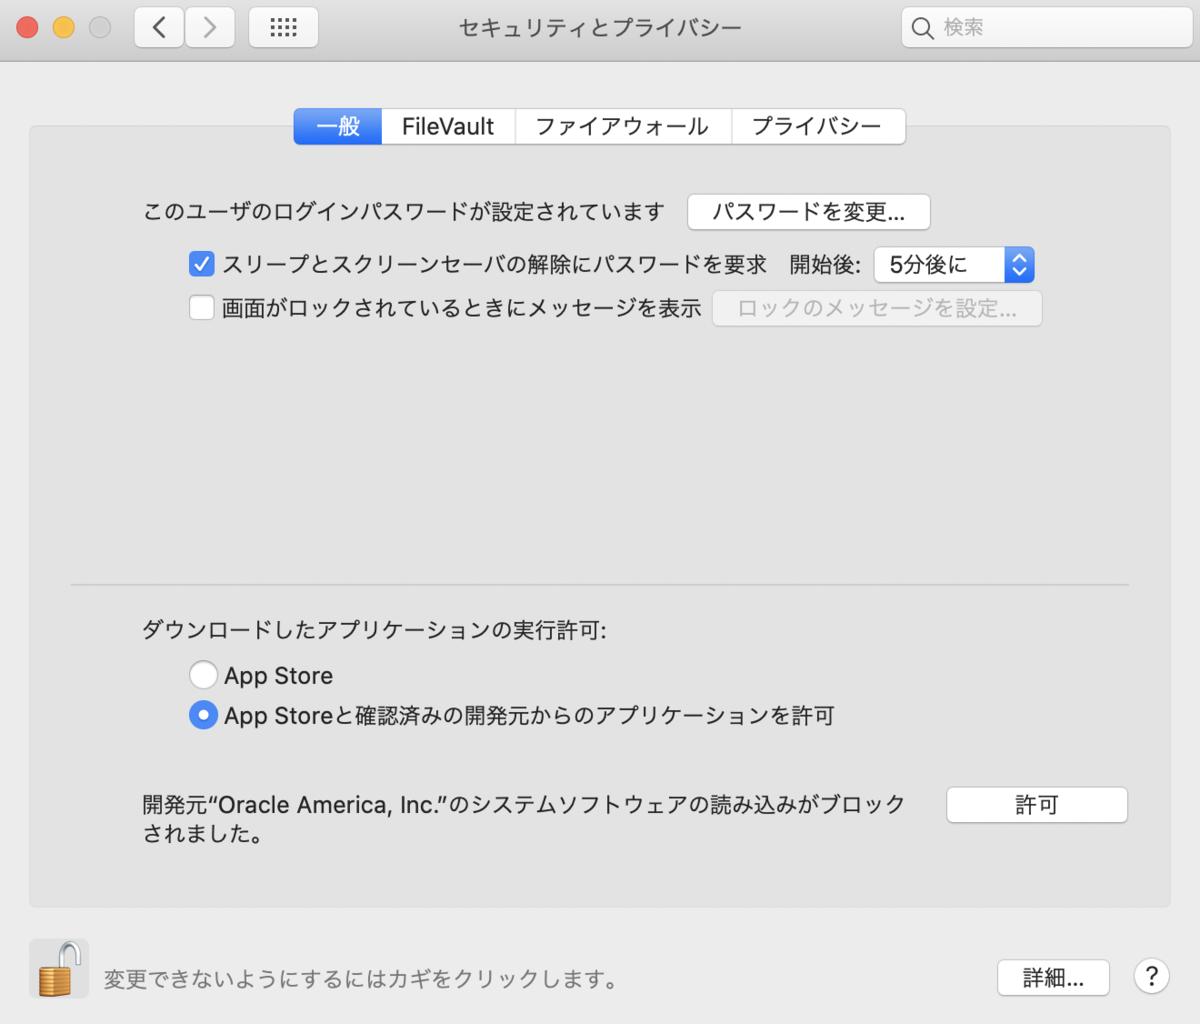 f:id:app_2:20200211092159p:plain